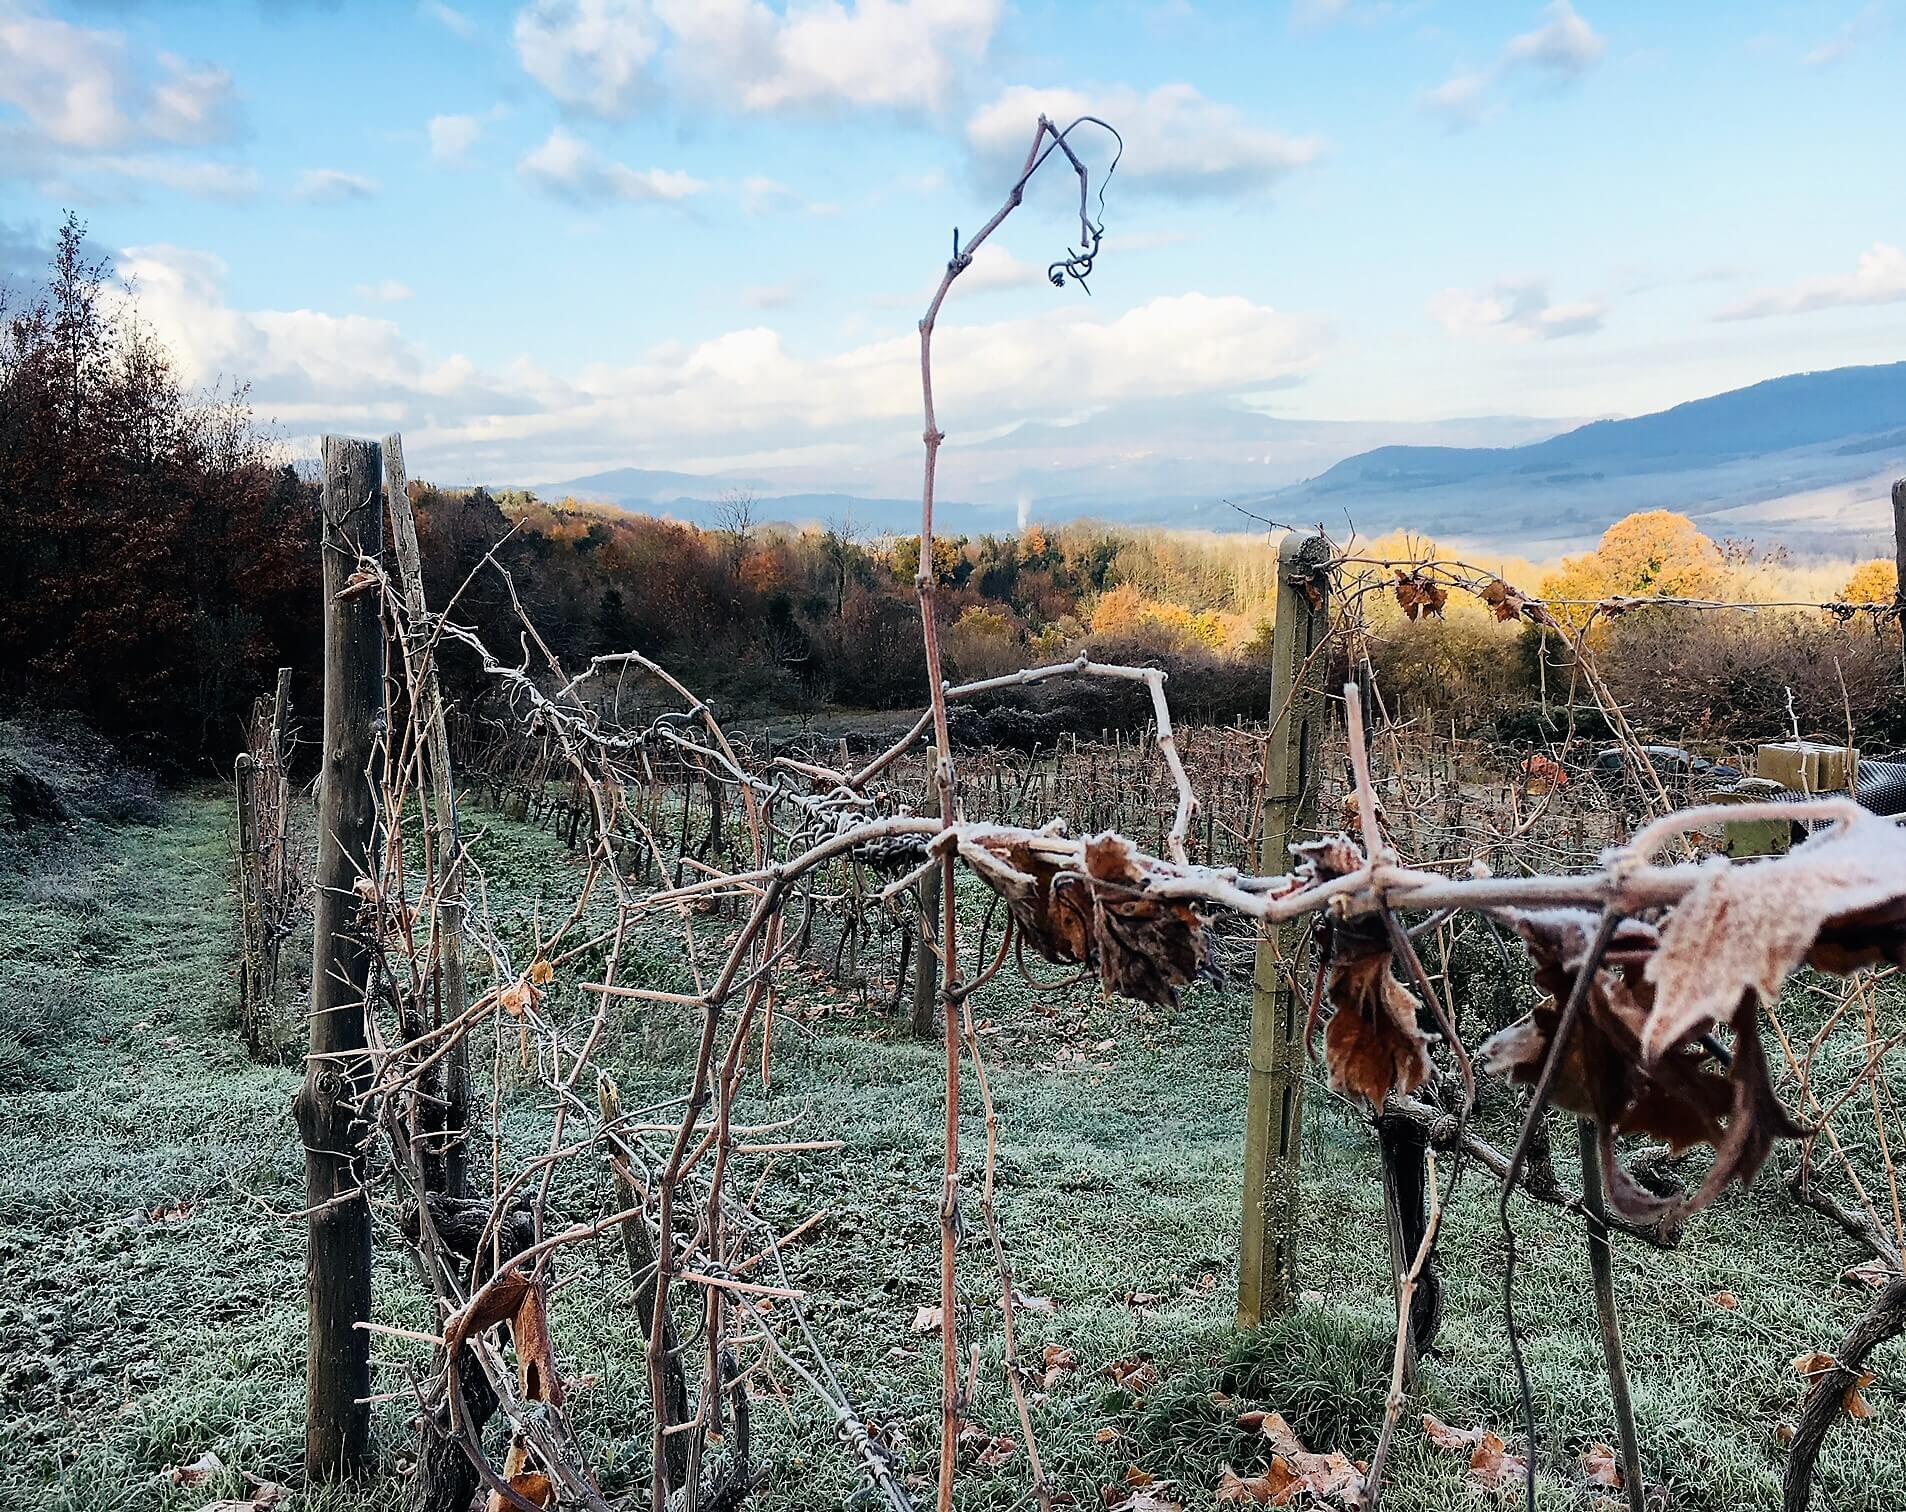 Det er tid for vinteronn eller vinterarbeid på vingården. Vinstokkene skal beskjæres før det blir for varmt i luft og mens sevja fortsatt ligger i dvale. Det er det første arbeidet med det som skal bli årets vin.